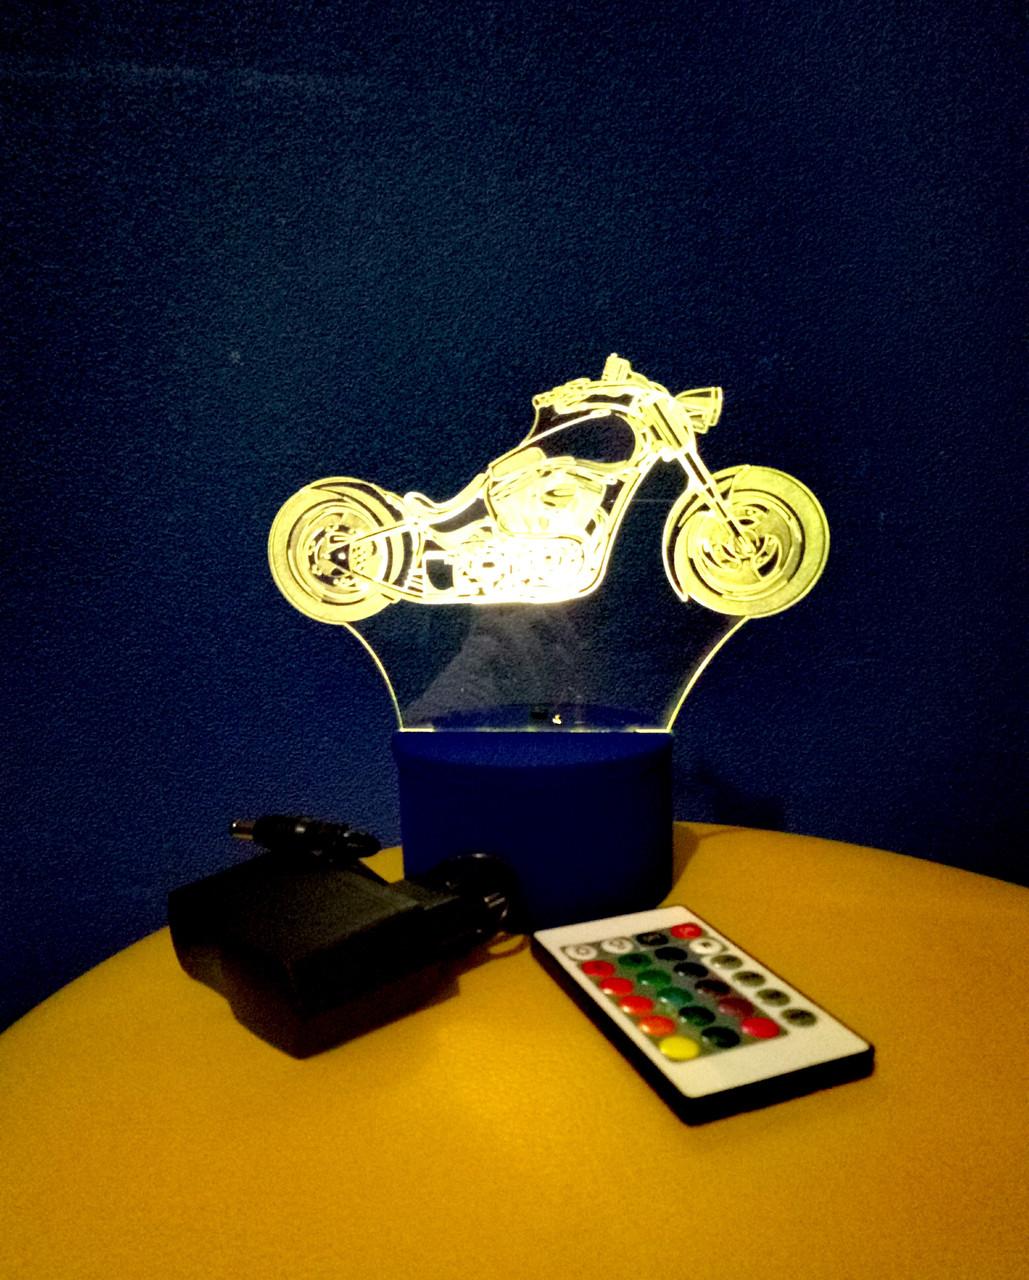 3d-світильник Чоппер, мотоцикл, 3д-нічник, кілька підсвічувань (на пульті)